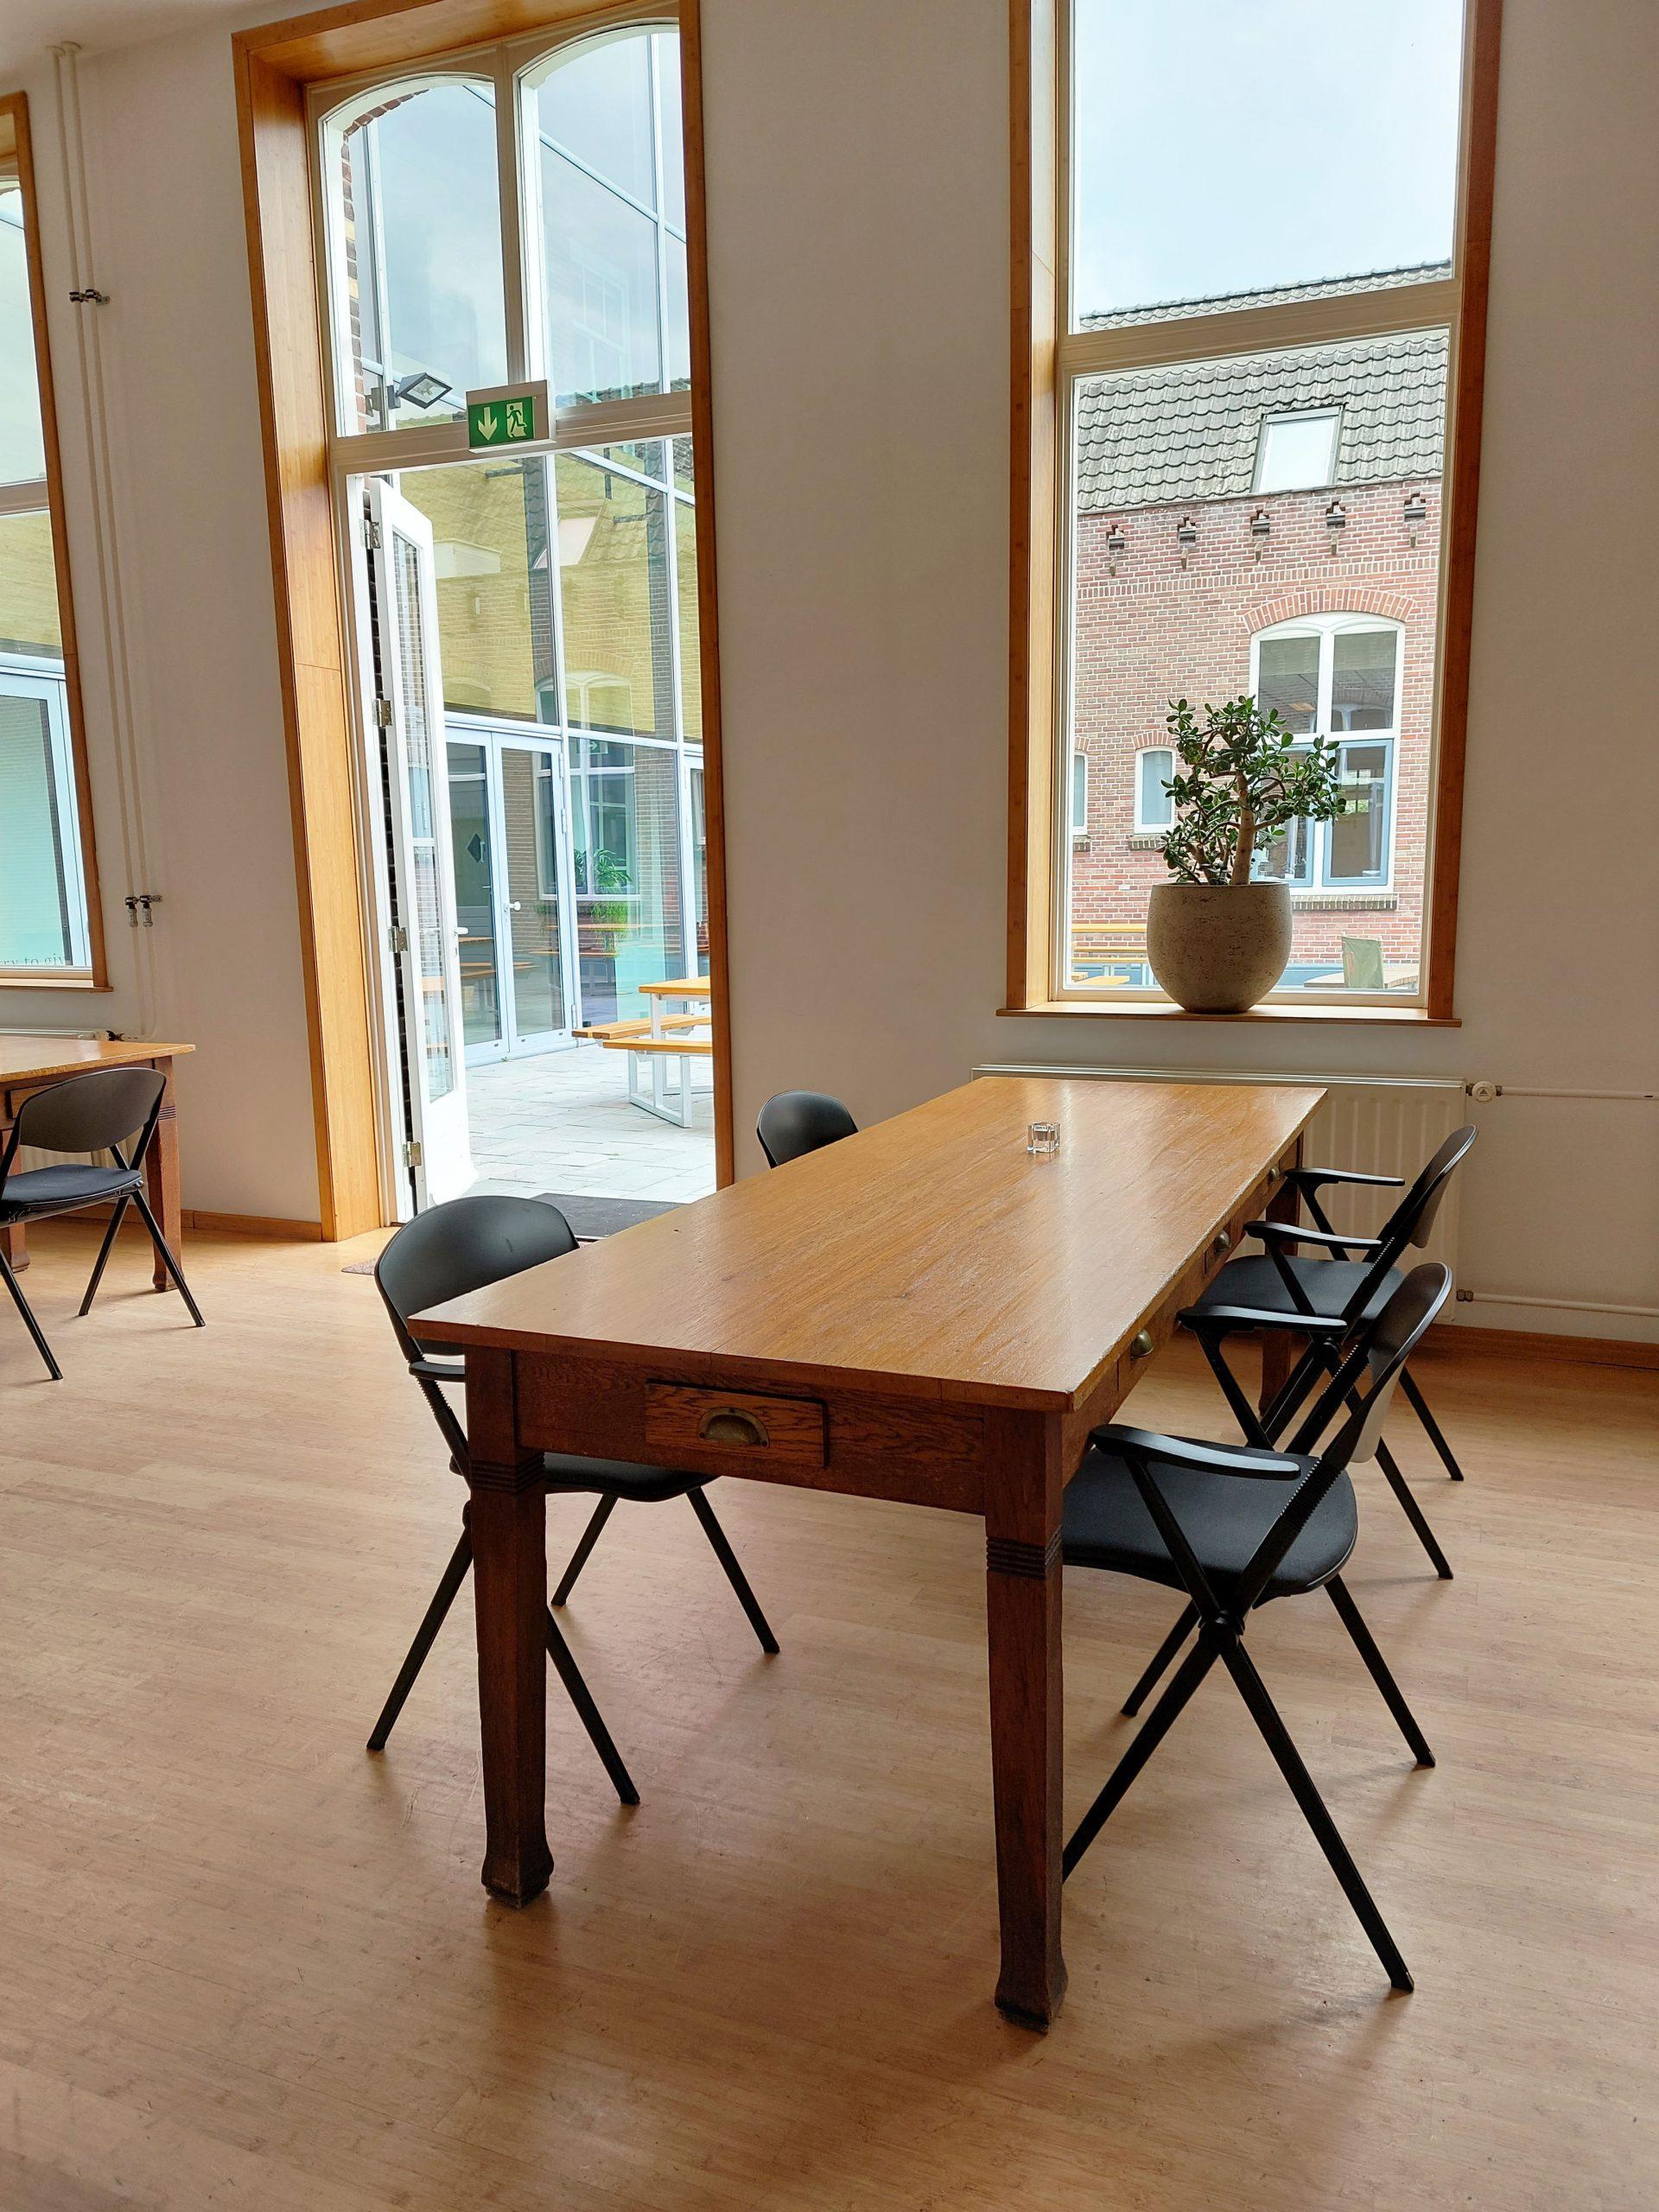 Foyer openslaande deuren tafel stoelen samen plant in ramen openslaande deur